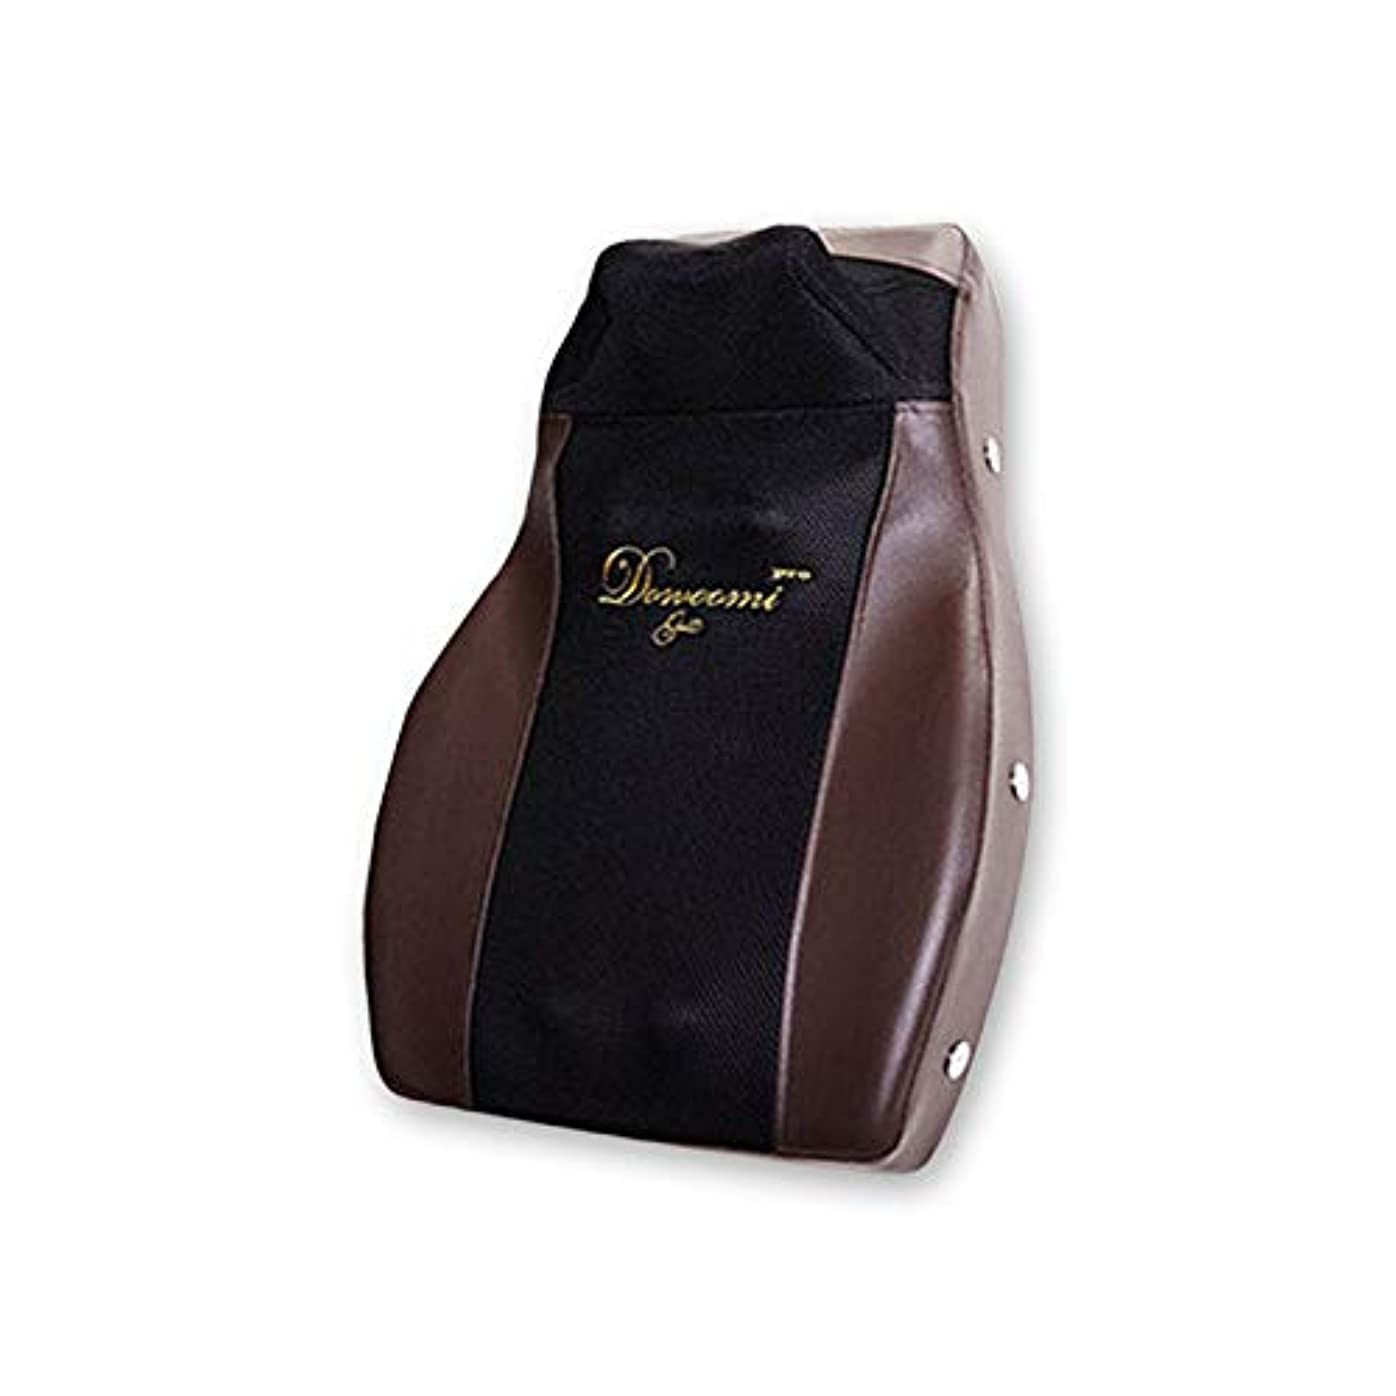 蓋アプトクアッガWellbeing Dowoomi Massager Gold Pro ドウミ マッサージ クッション ゴールド プロ [並行輸入品]